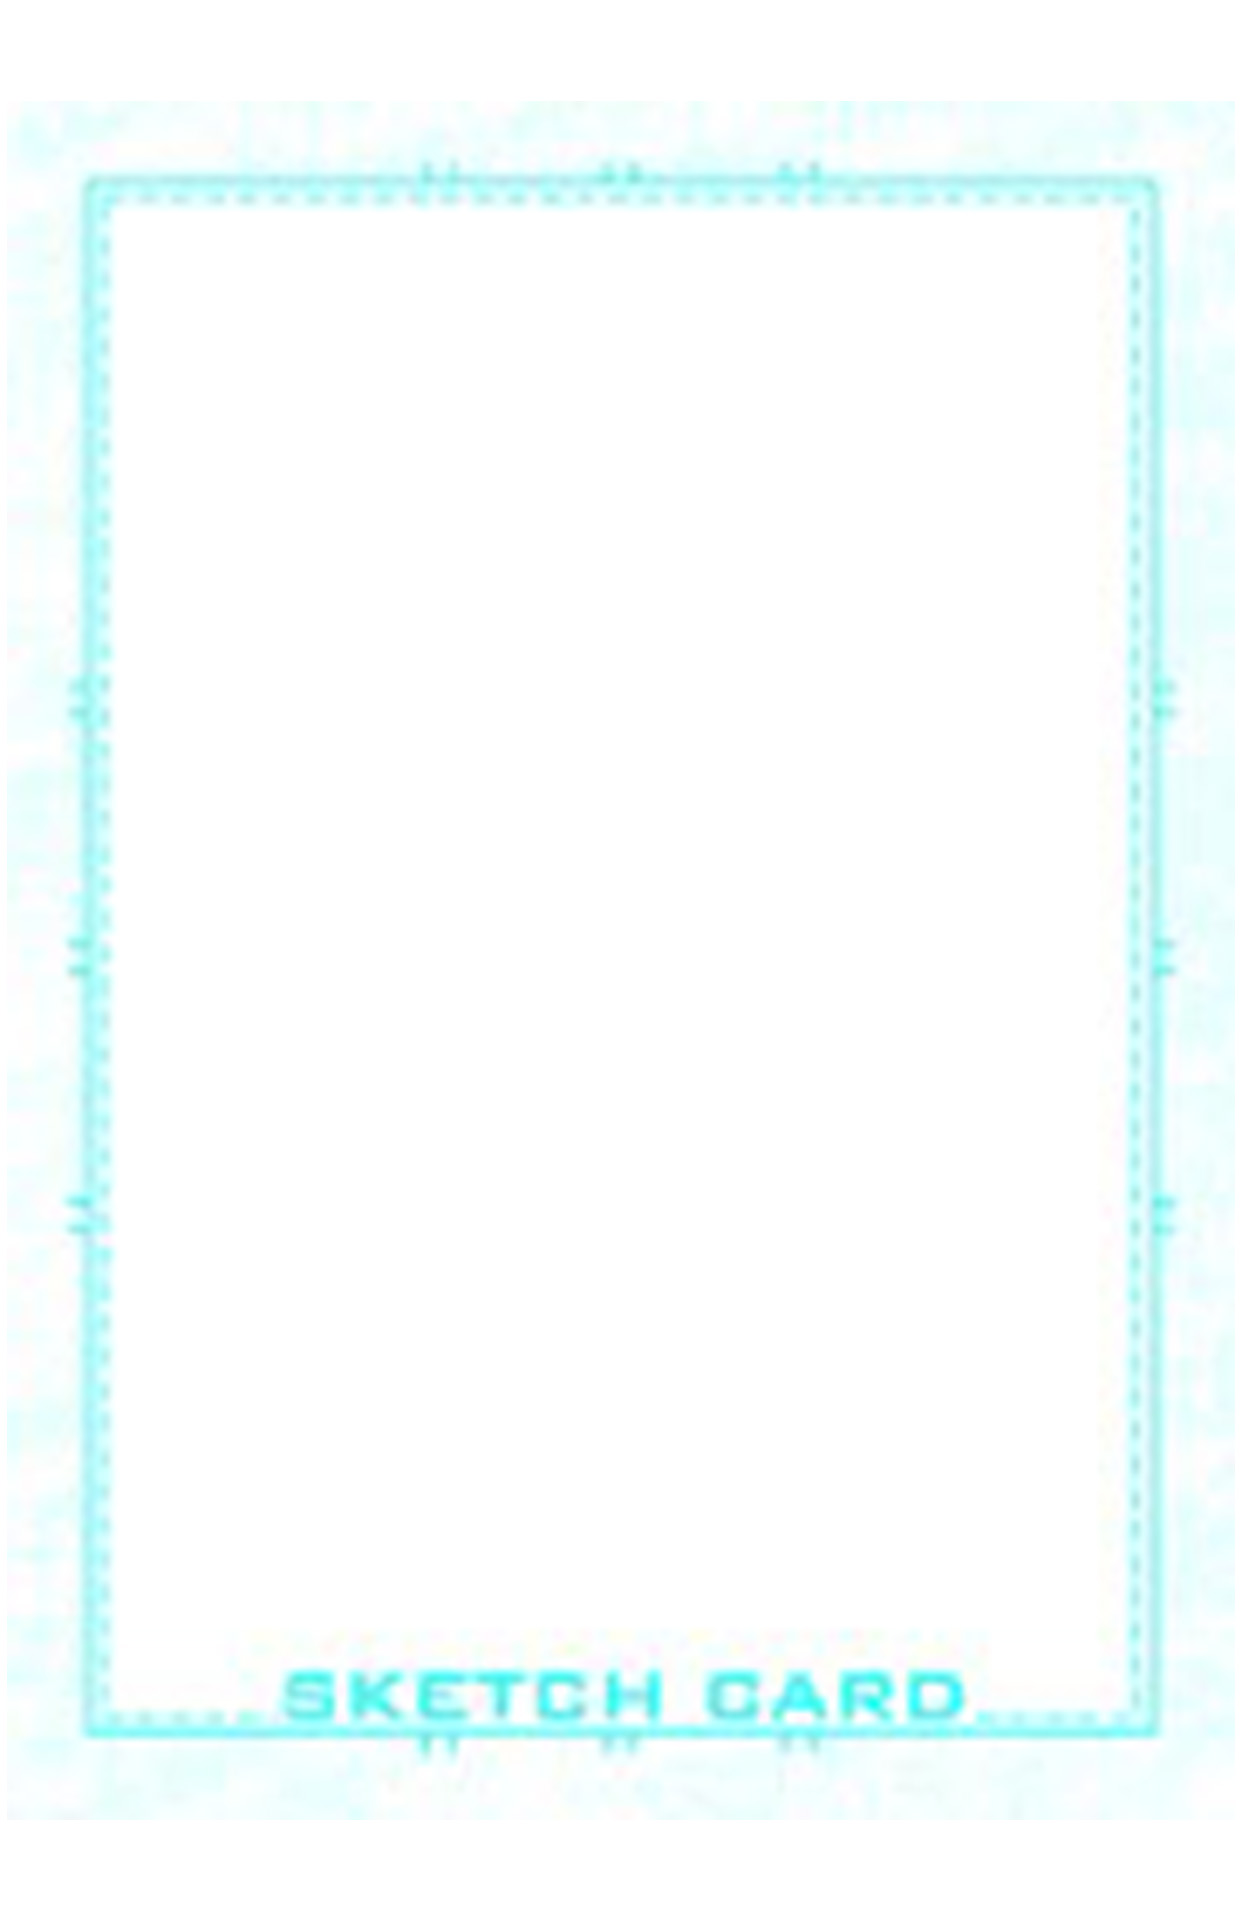 sketchcard